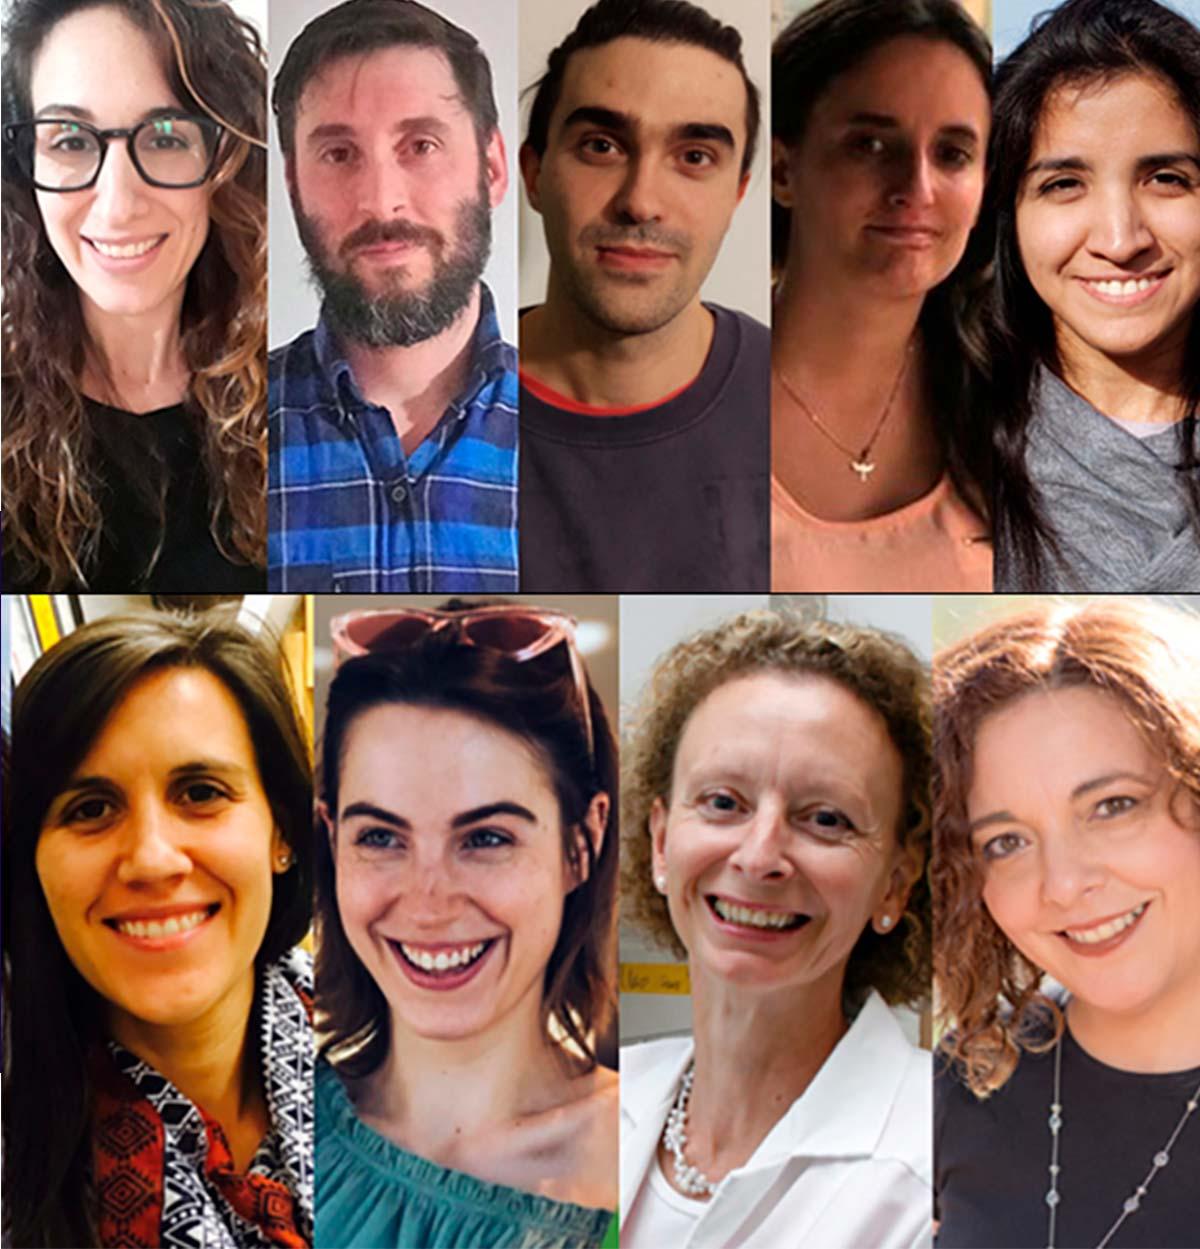 Autores del estudio: Belén Federico, Sebastián Siri, Nicolás Calzetta, Natalia Paviolo, María Belén de la Vega, Julieta Martino, Carolina Campana, Lisa Wiesmüller y Vanesa Gottifredi.